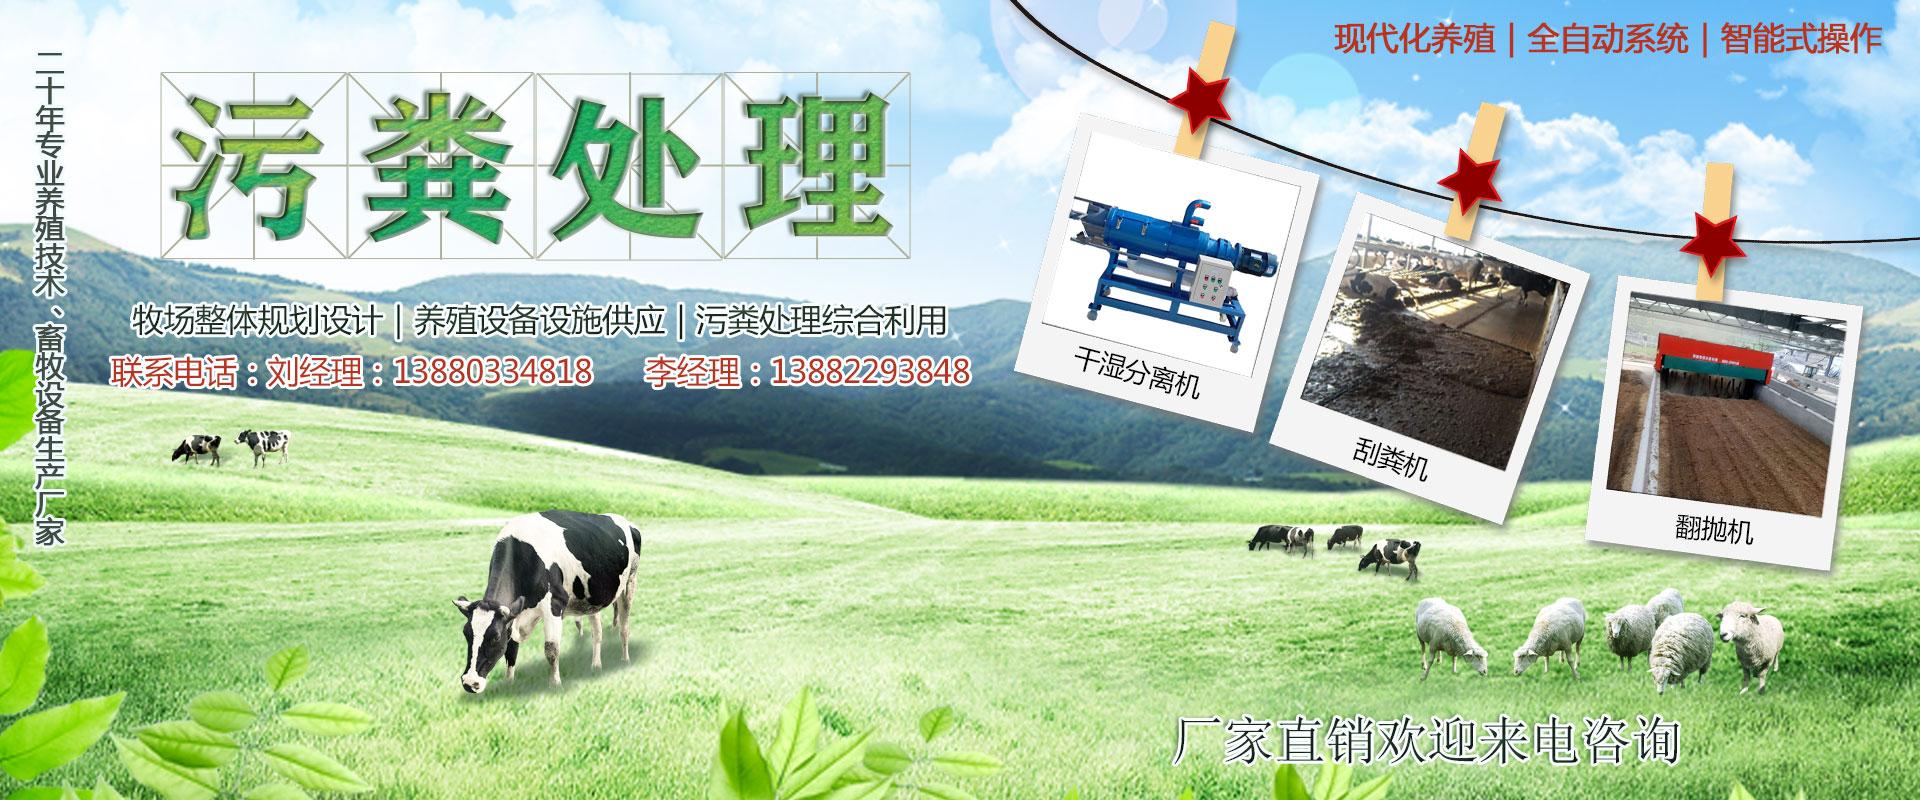 四川牛场设备